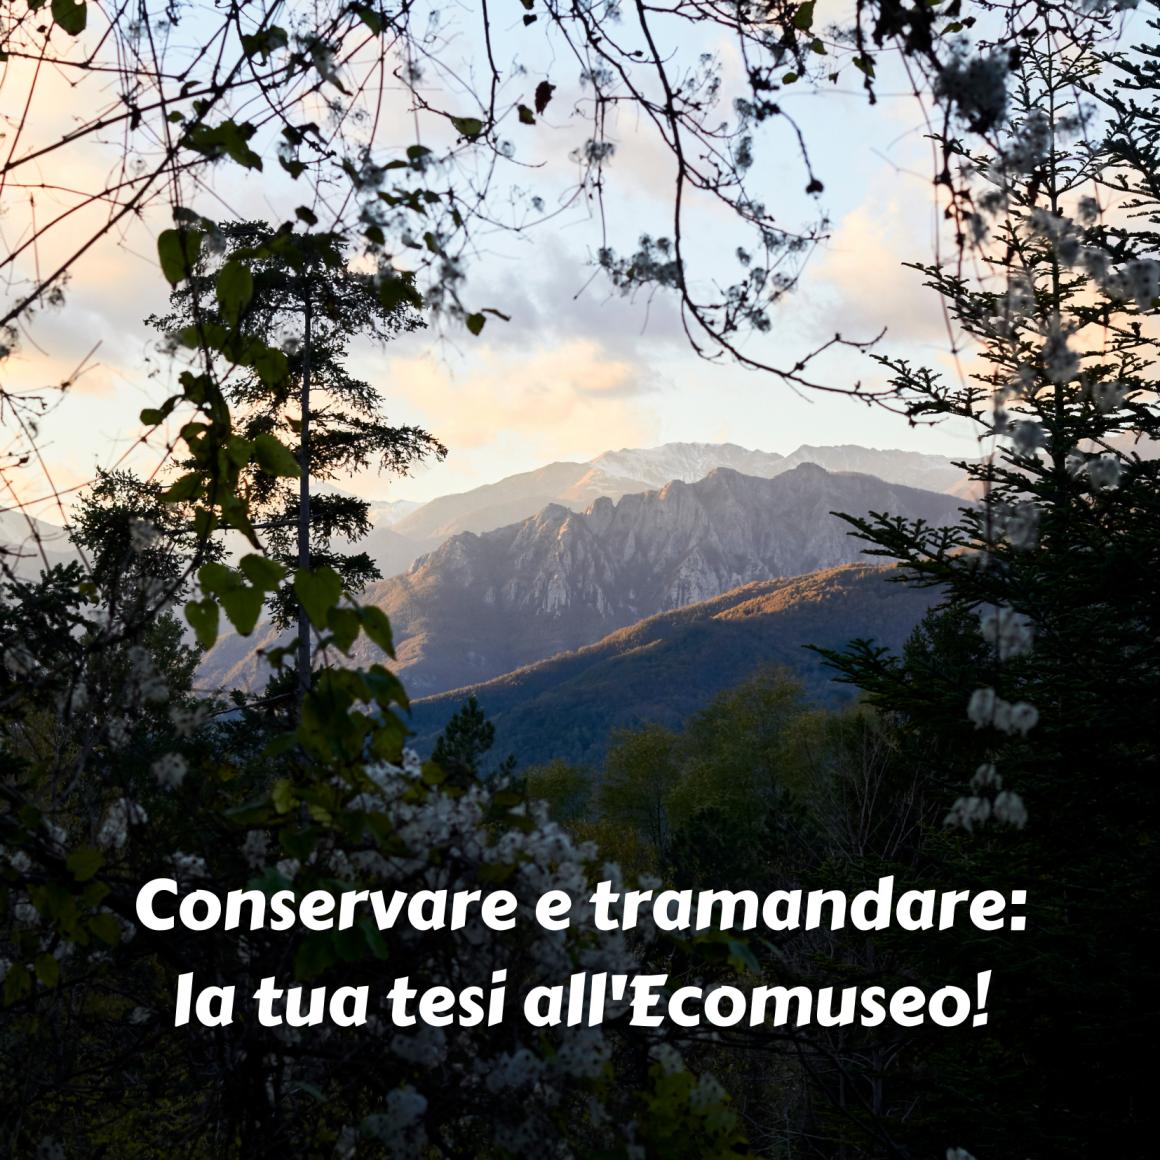 Conservare e tramandare: la tua tesi all'Ecomuseo!